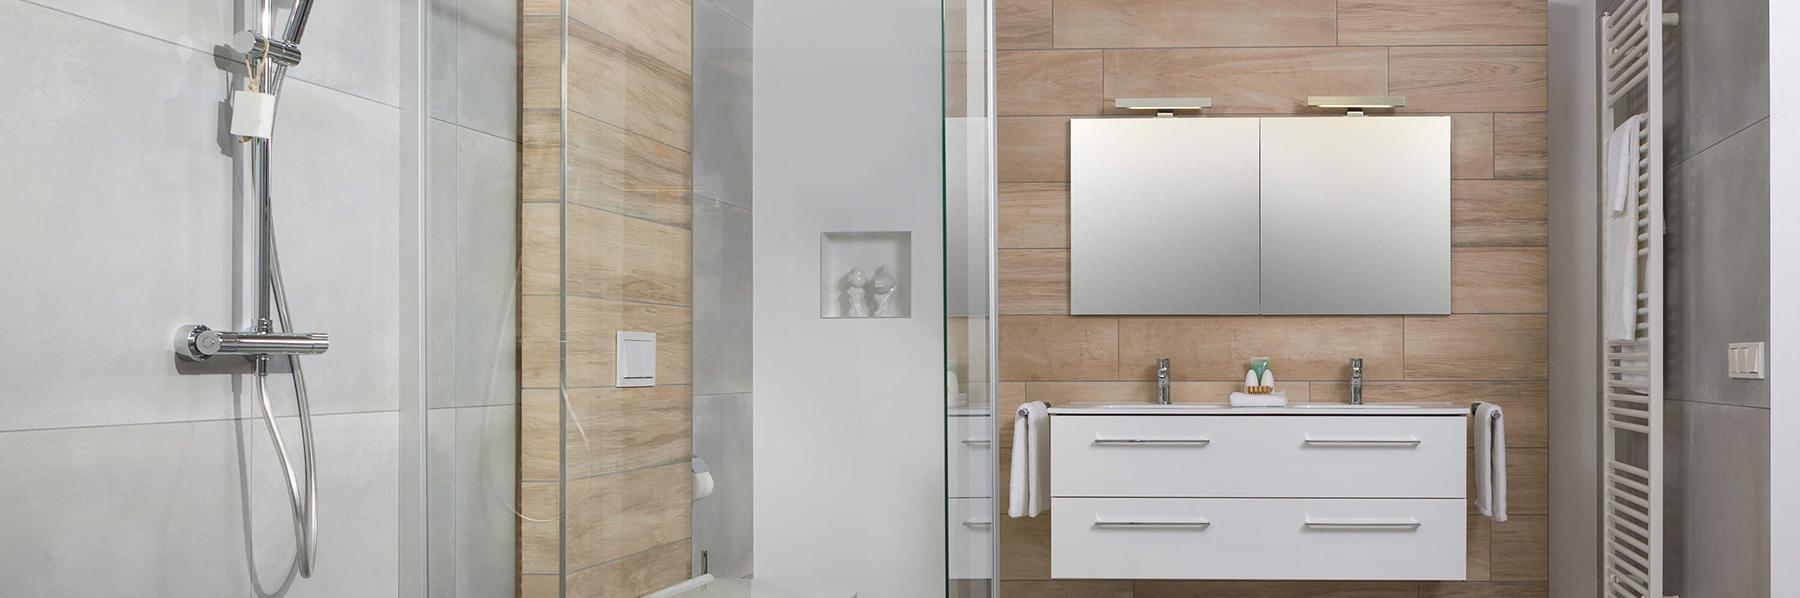 badkamer strak